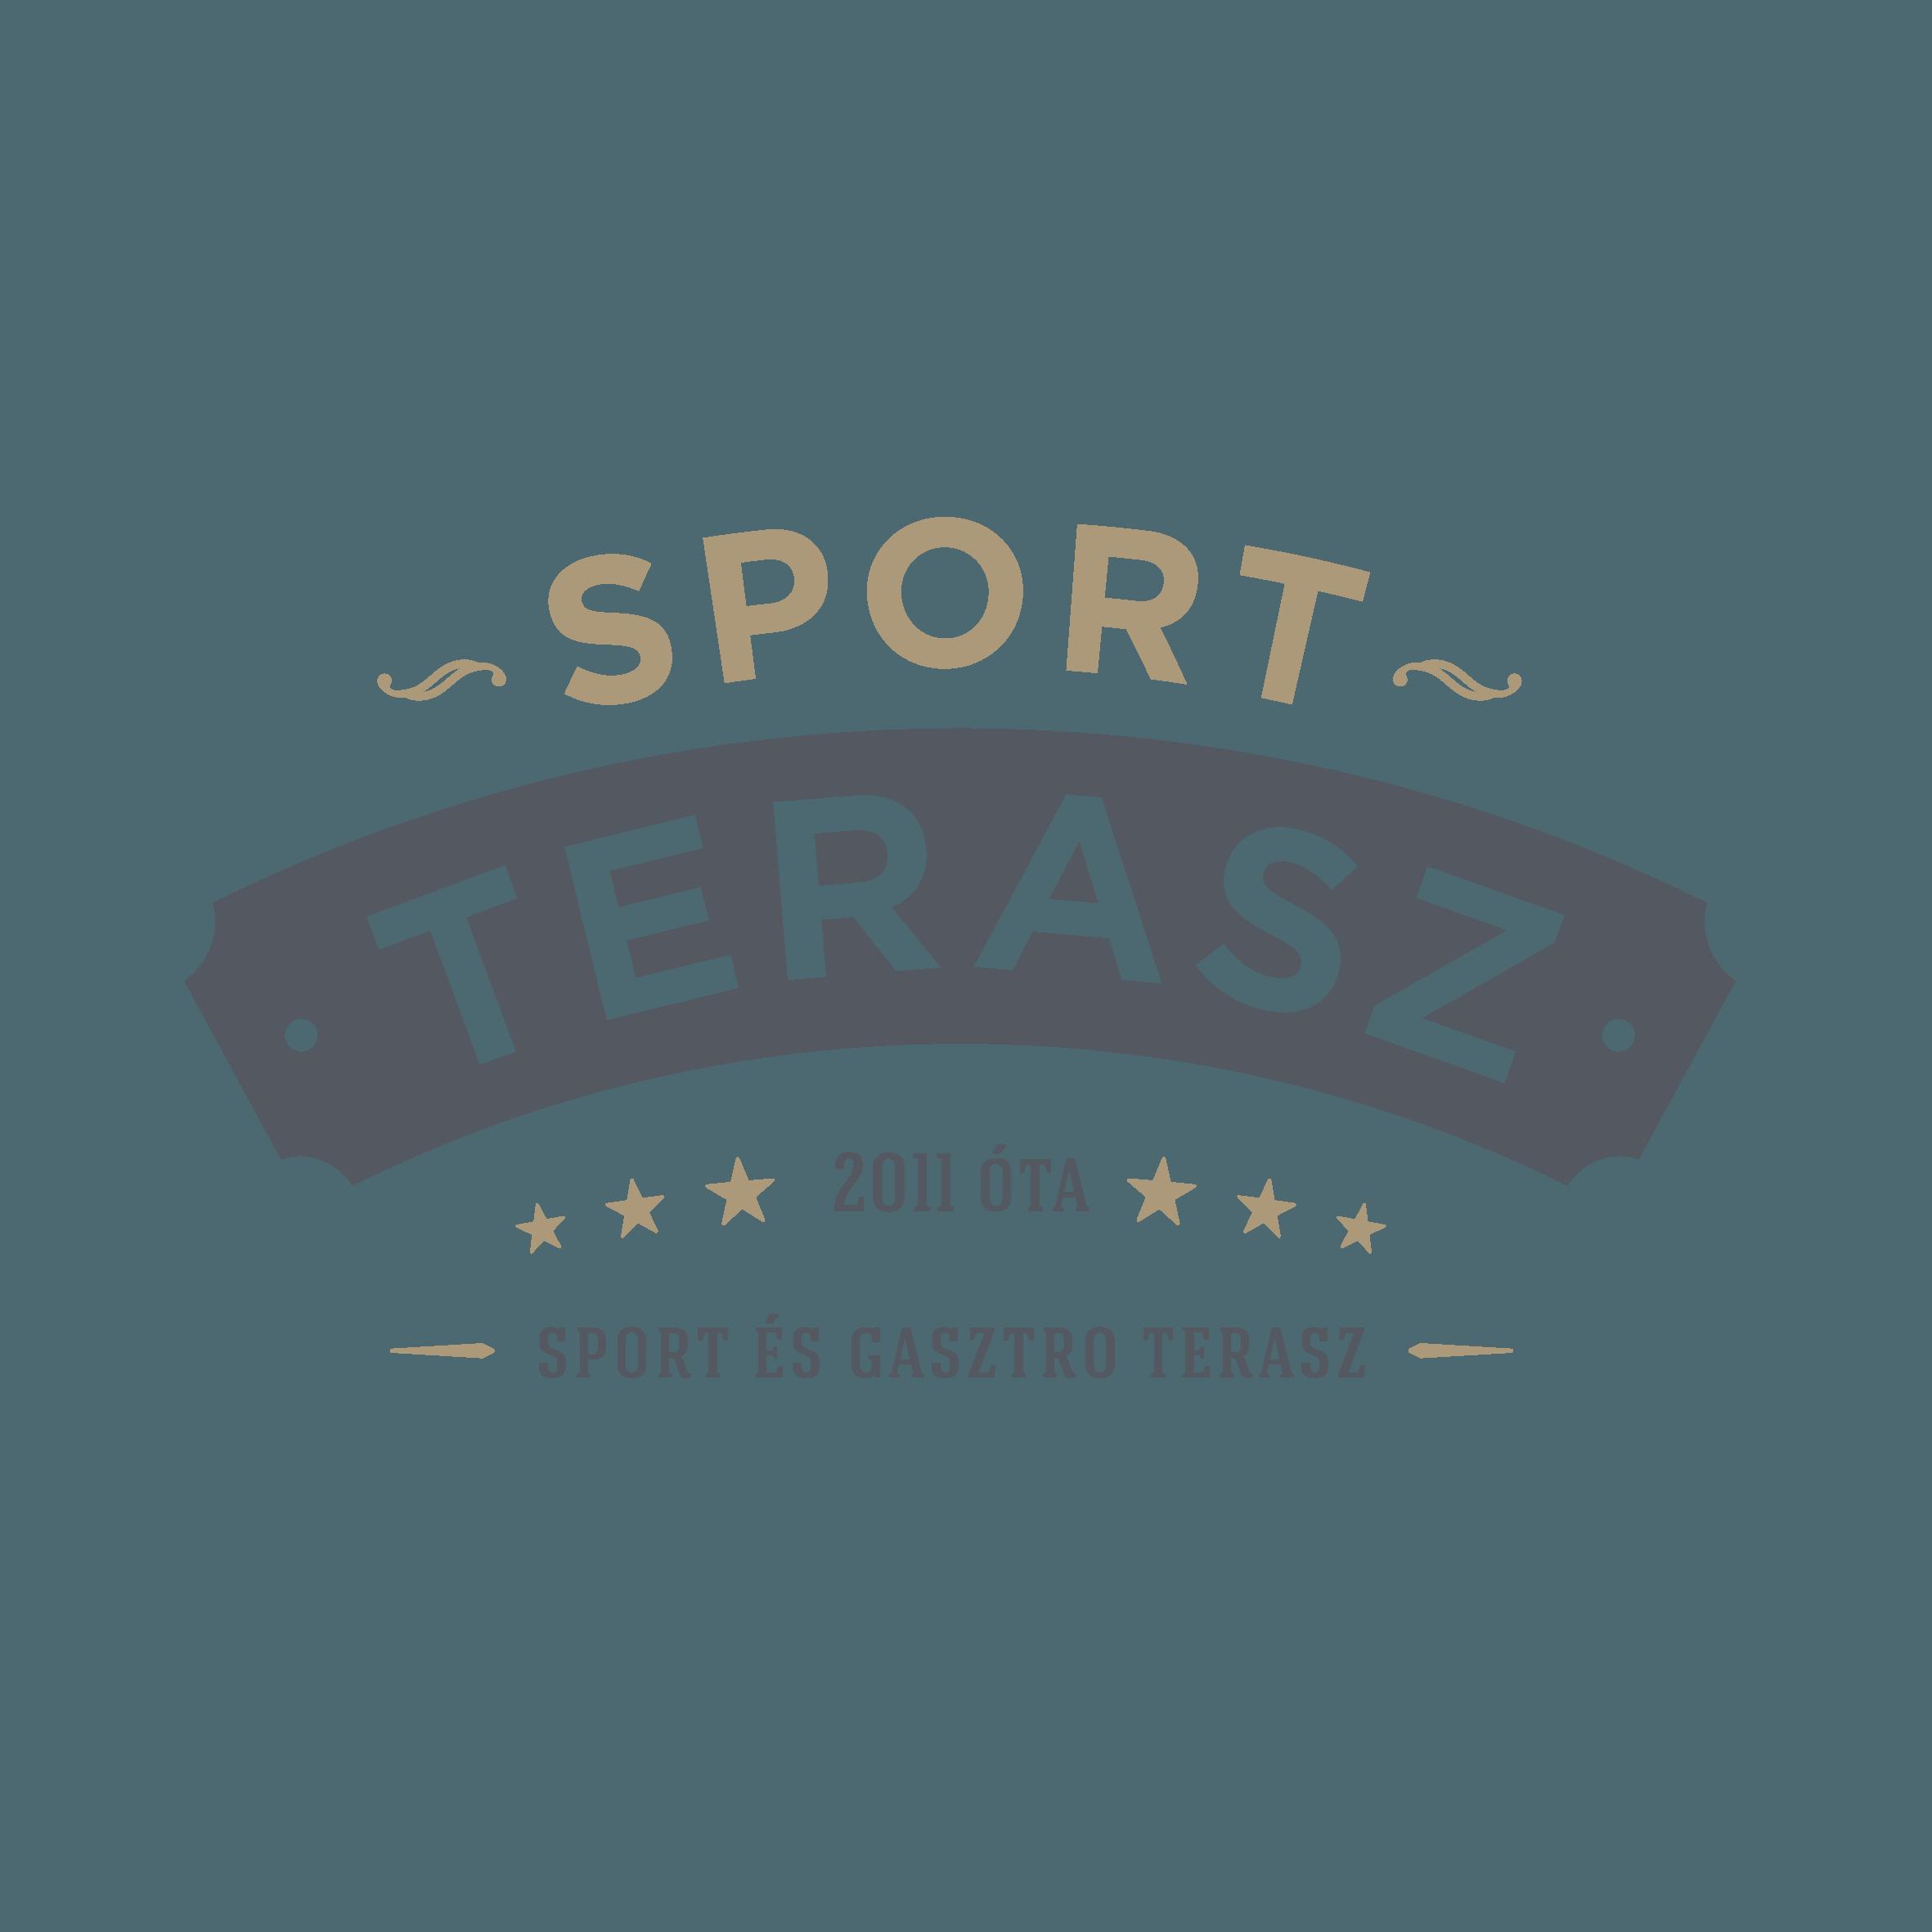 Sport és Gasztro terasz